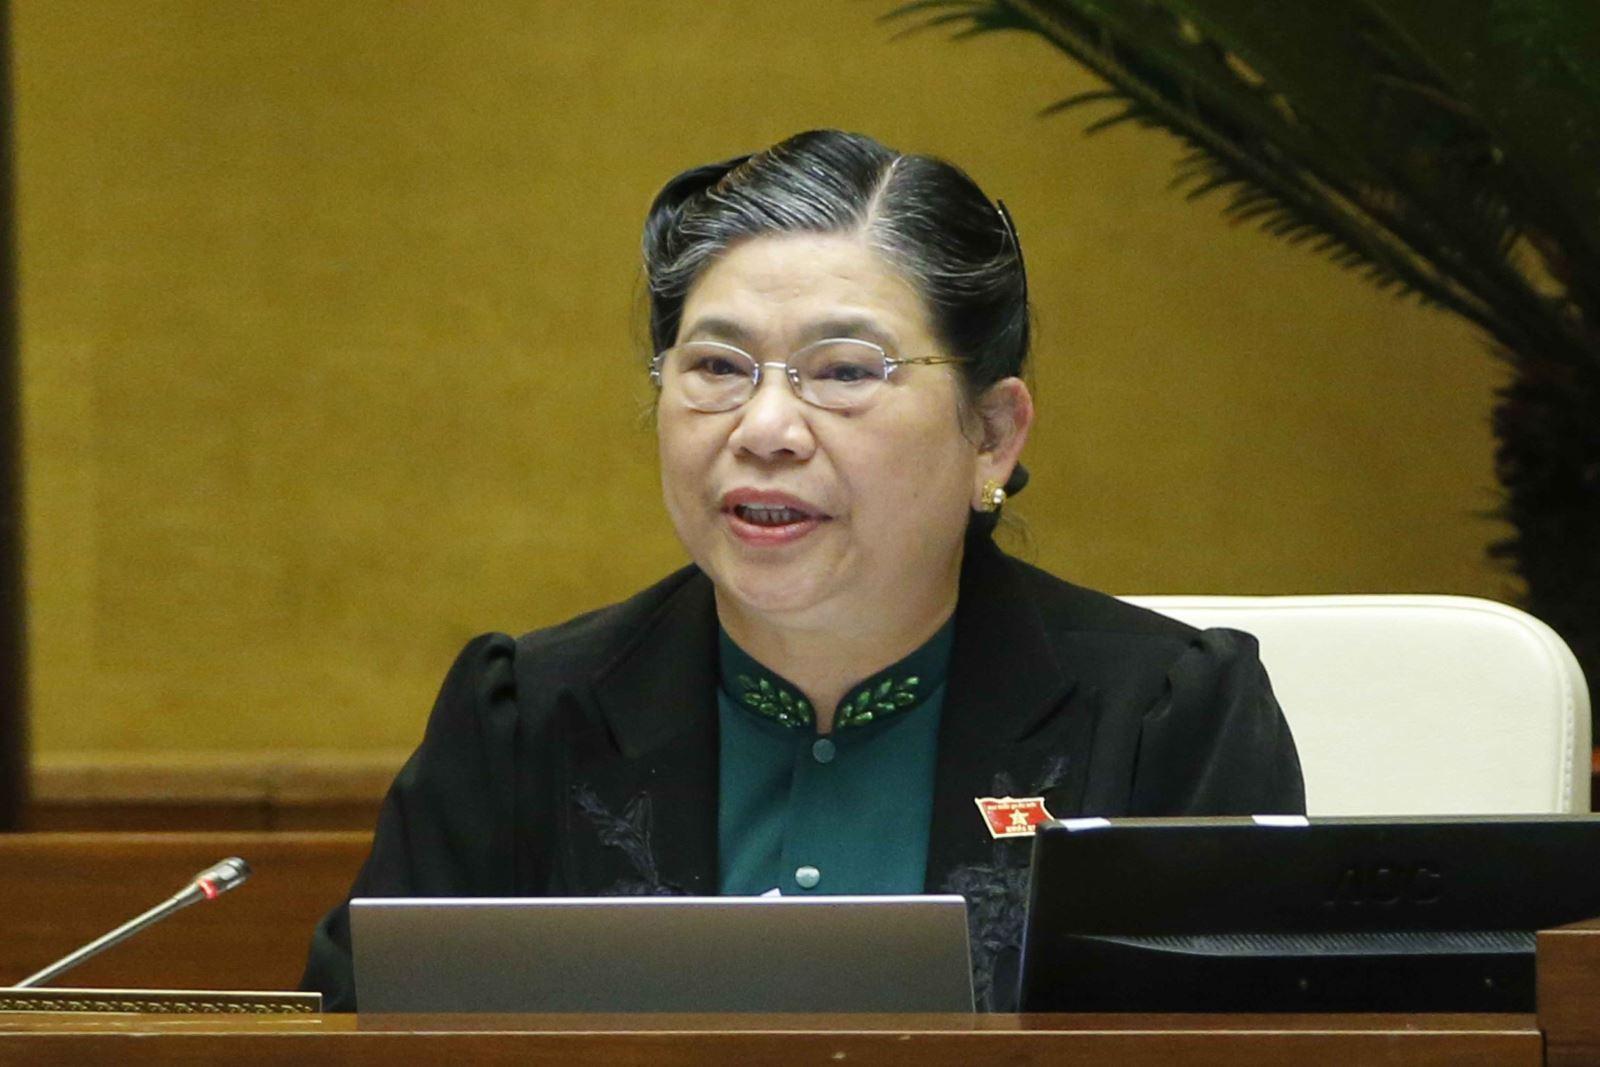 Phó Chủ tịch Thường trực Quốc hội Tòng Thị Phóng điều hành phiên họp. Ảnh: Doãn Tấn/TTXVN